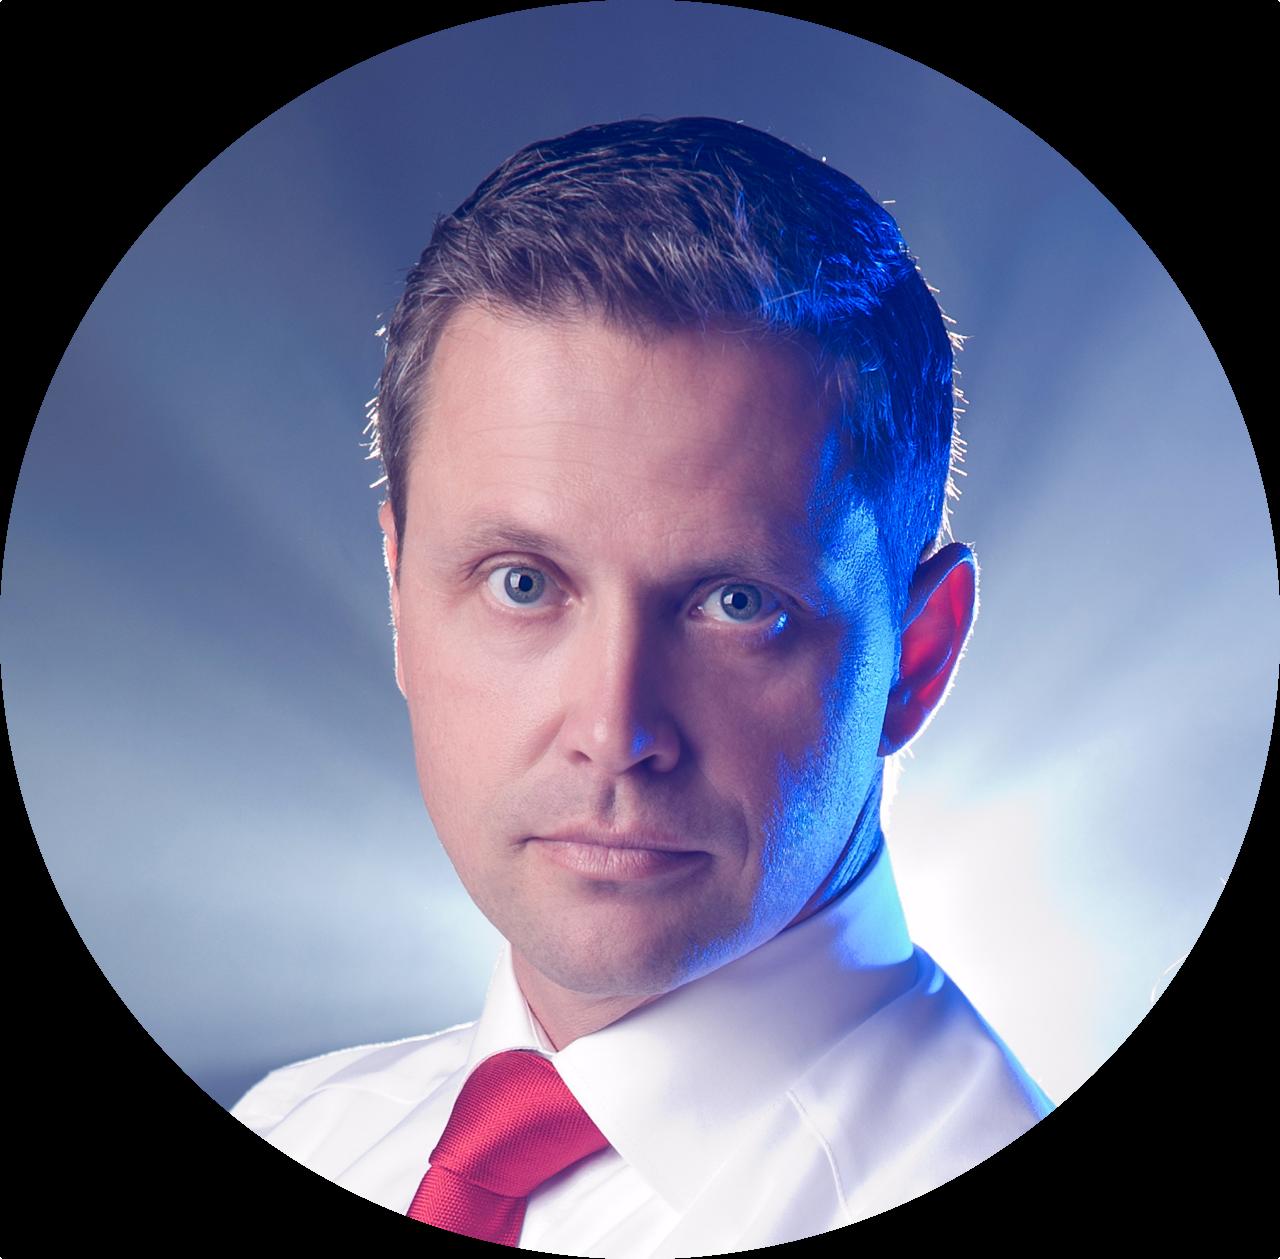 Torsten Tore Lars Steinbrink